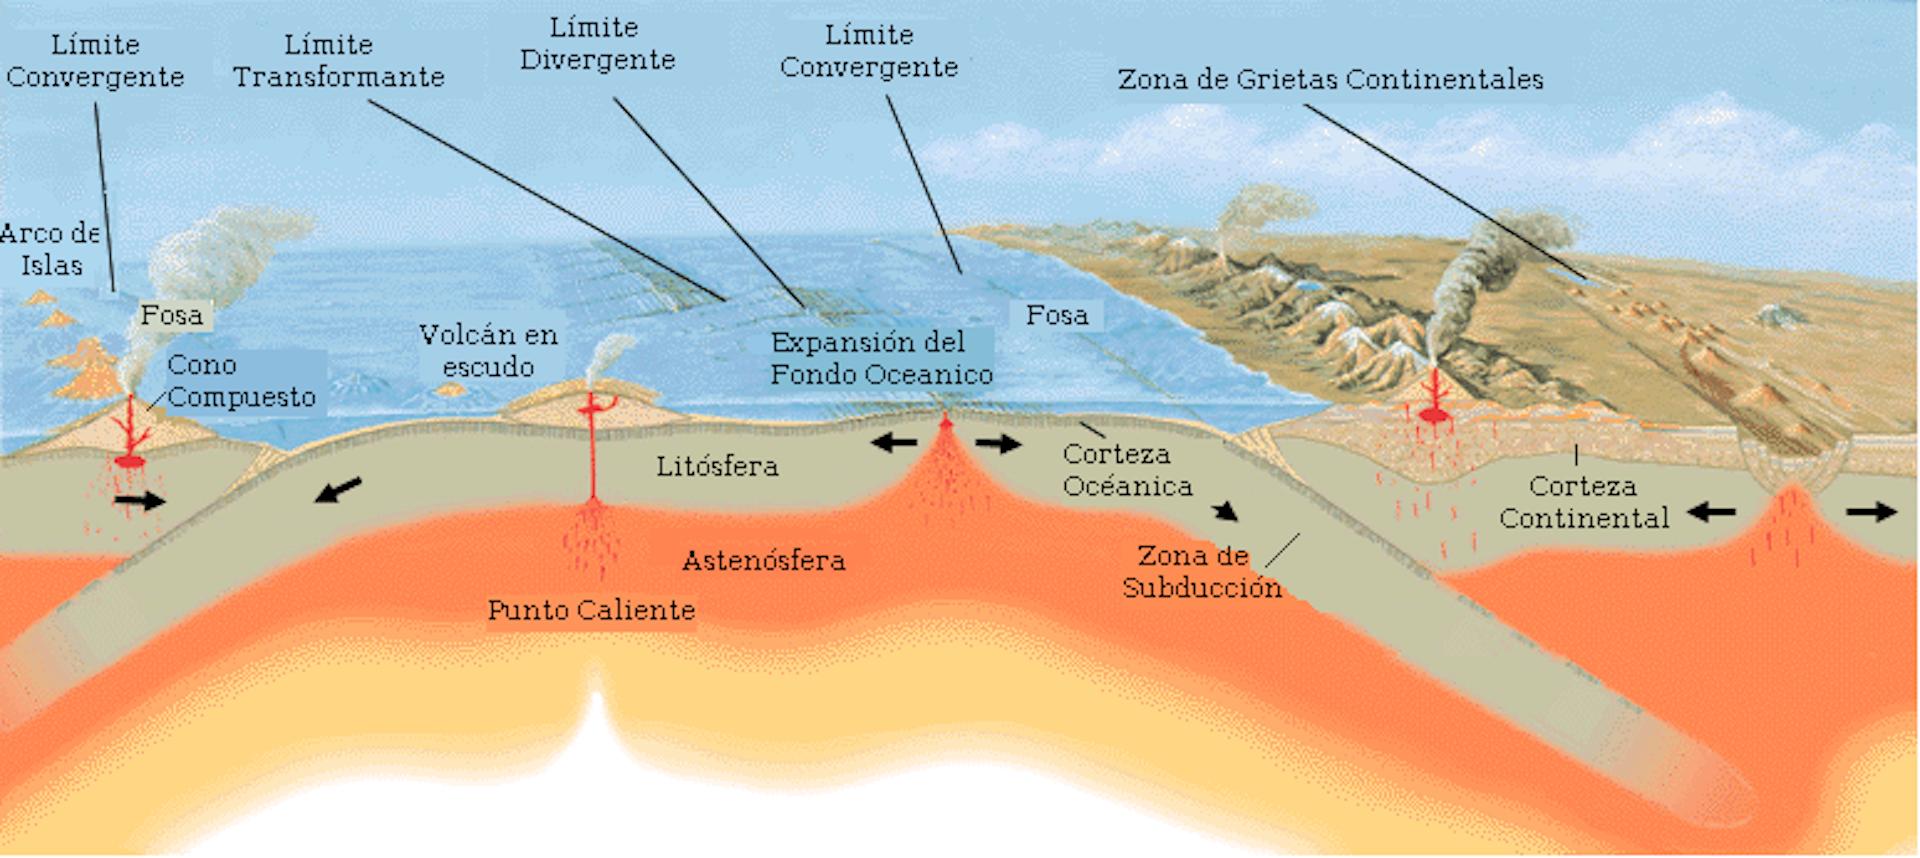 Corte geológico esquemático mostrando los elementos fundamentales de la teoría de tectónica de placas y los tipos de limites de placa.Imagen: Wikimedia